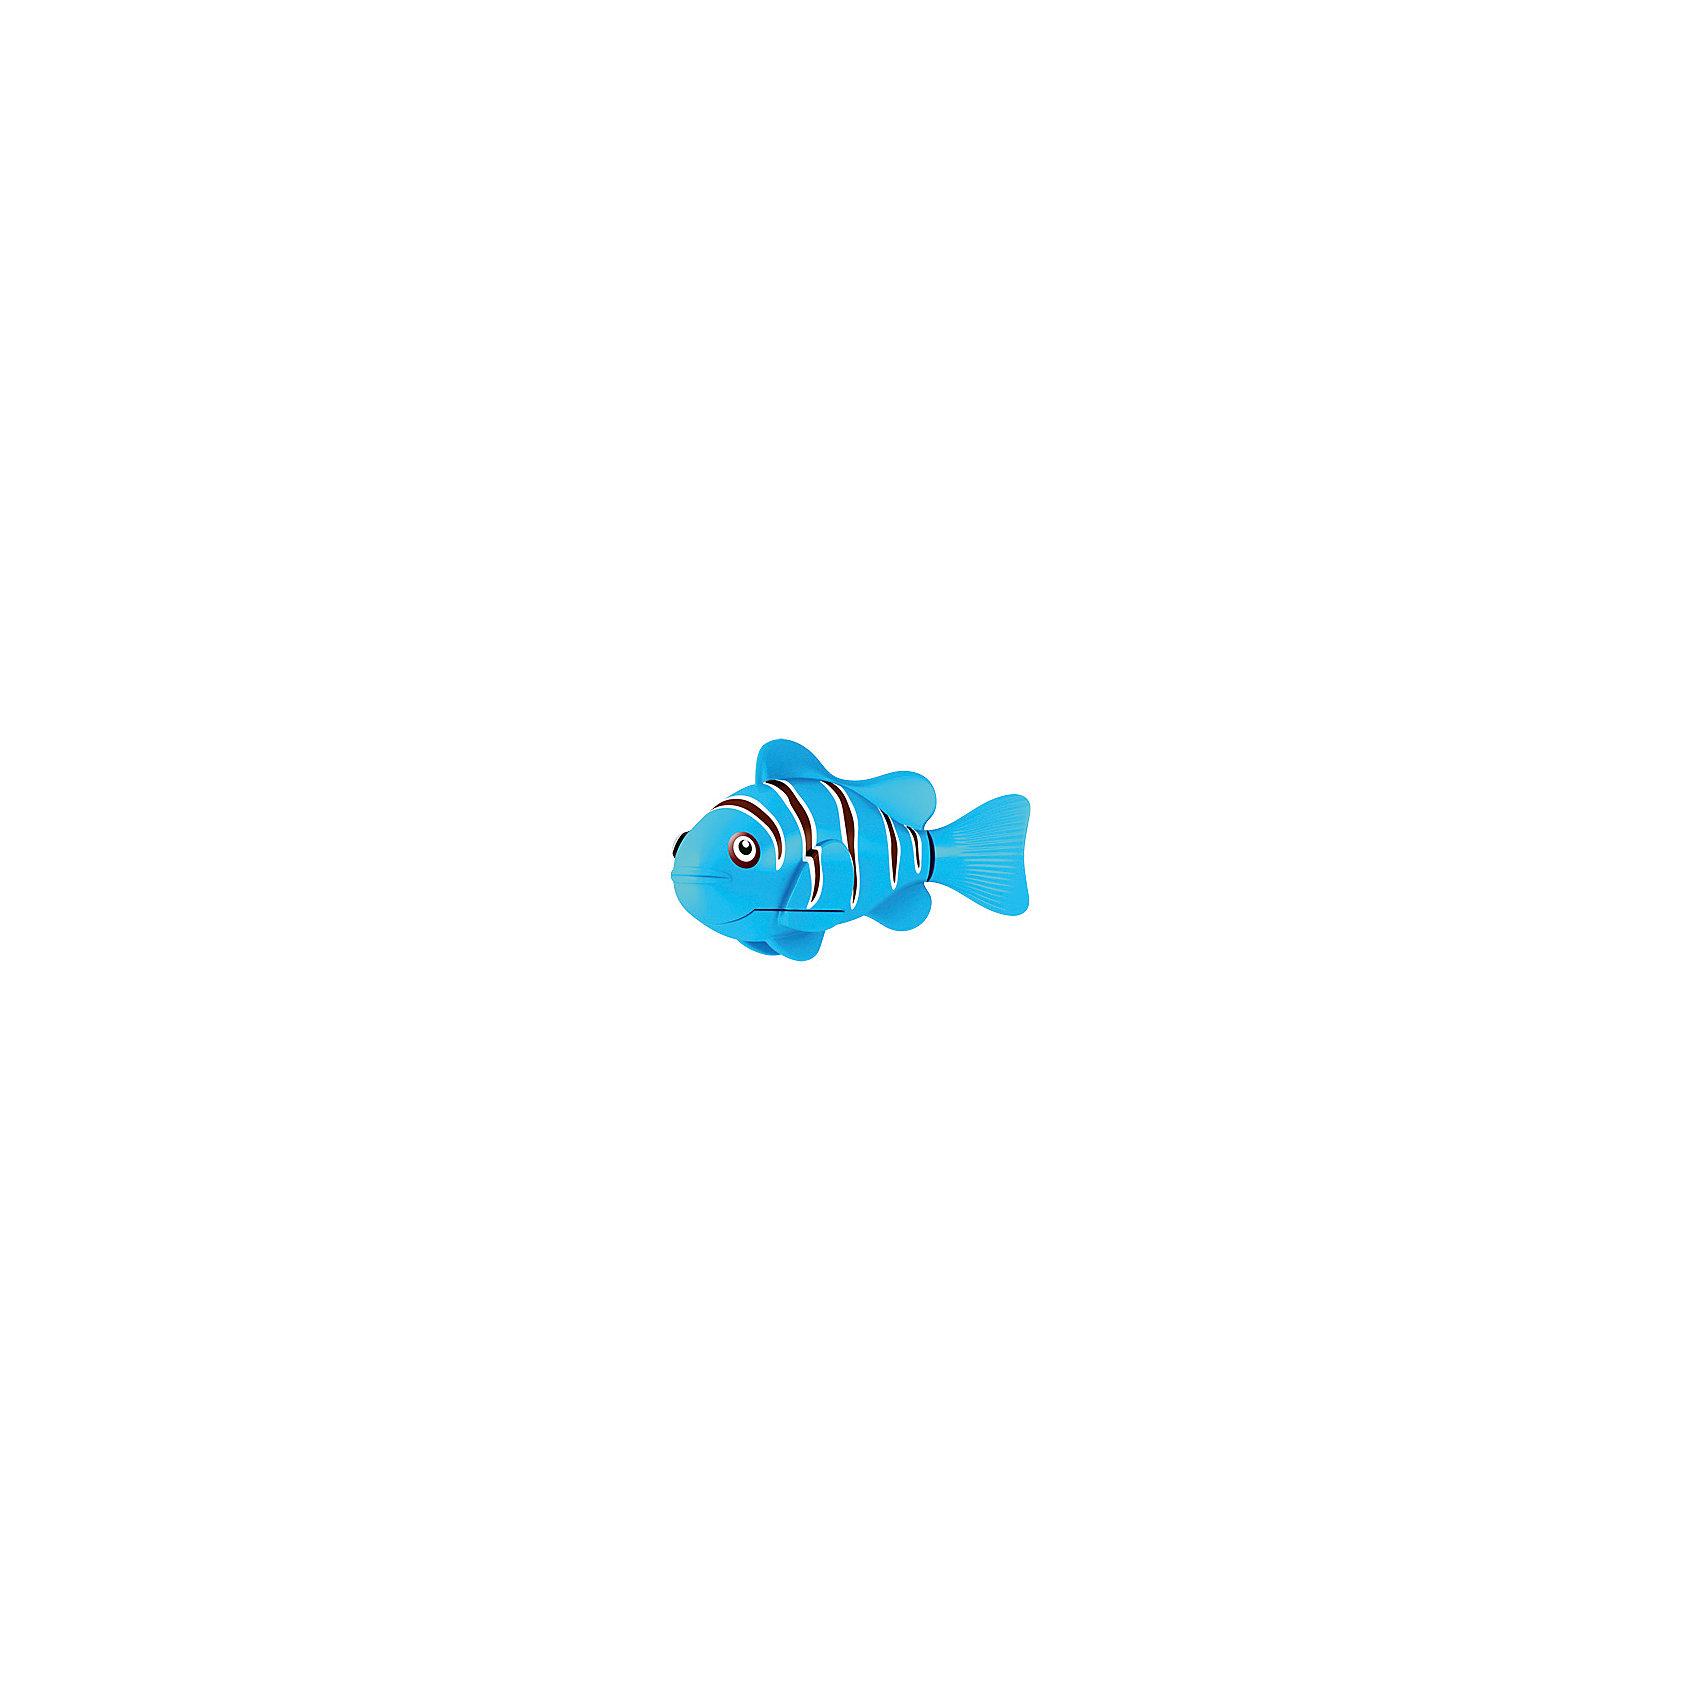 РобоРыбка Клоун голубая, RoboFishРоборыбки и русалки<br>Голубая Рыбка клоун при погружении в аквариум или другою емкостью с водой РобоРыбка начинает плавать – опускаясь ко дну и поднимаясь к поверхности воды. Игрушка работает от двух алкалиновых батареек А76 или RL44, которые входят в комплект (две установлены в игрушку и 2 запасные)<br><br>Ширина мм: 435<br>Глубина мм: 405<br>Высота мм: 240<br>Вес г: 216<br>Возраст от месяцев: 60<br>Возраст до месяцев: 144<br>Пол: Унисекс<br>Возраст: Детский<br>SKU: 2999505